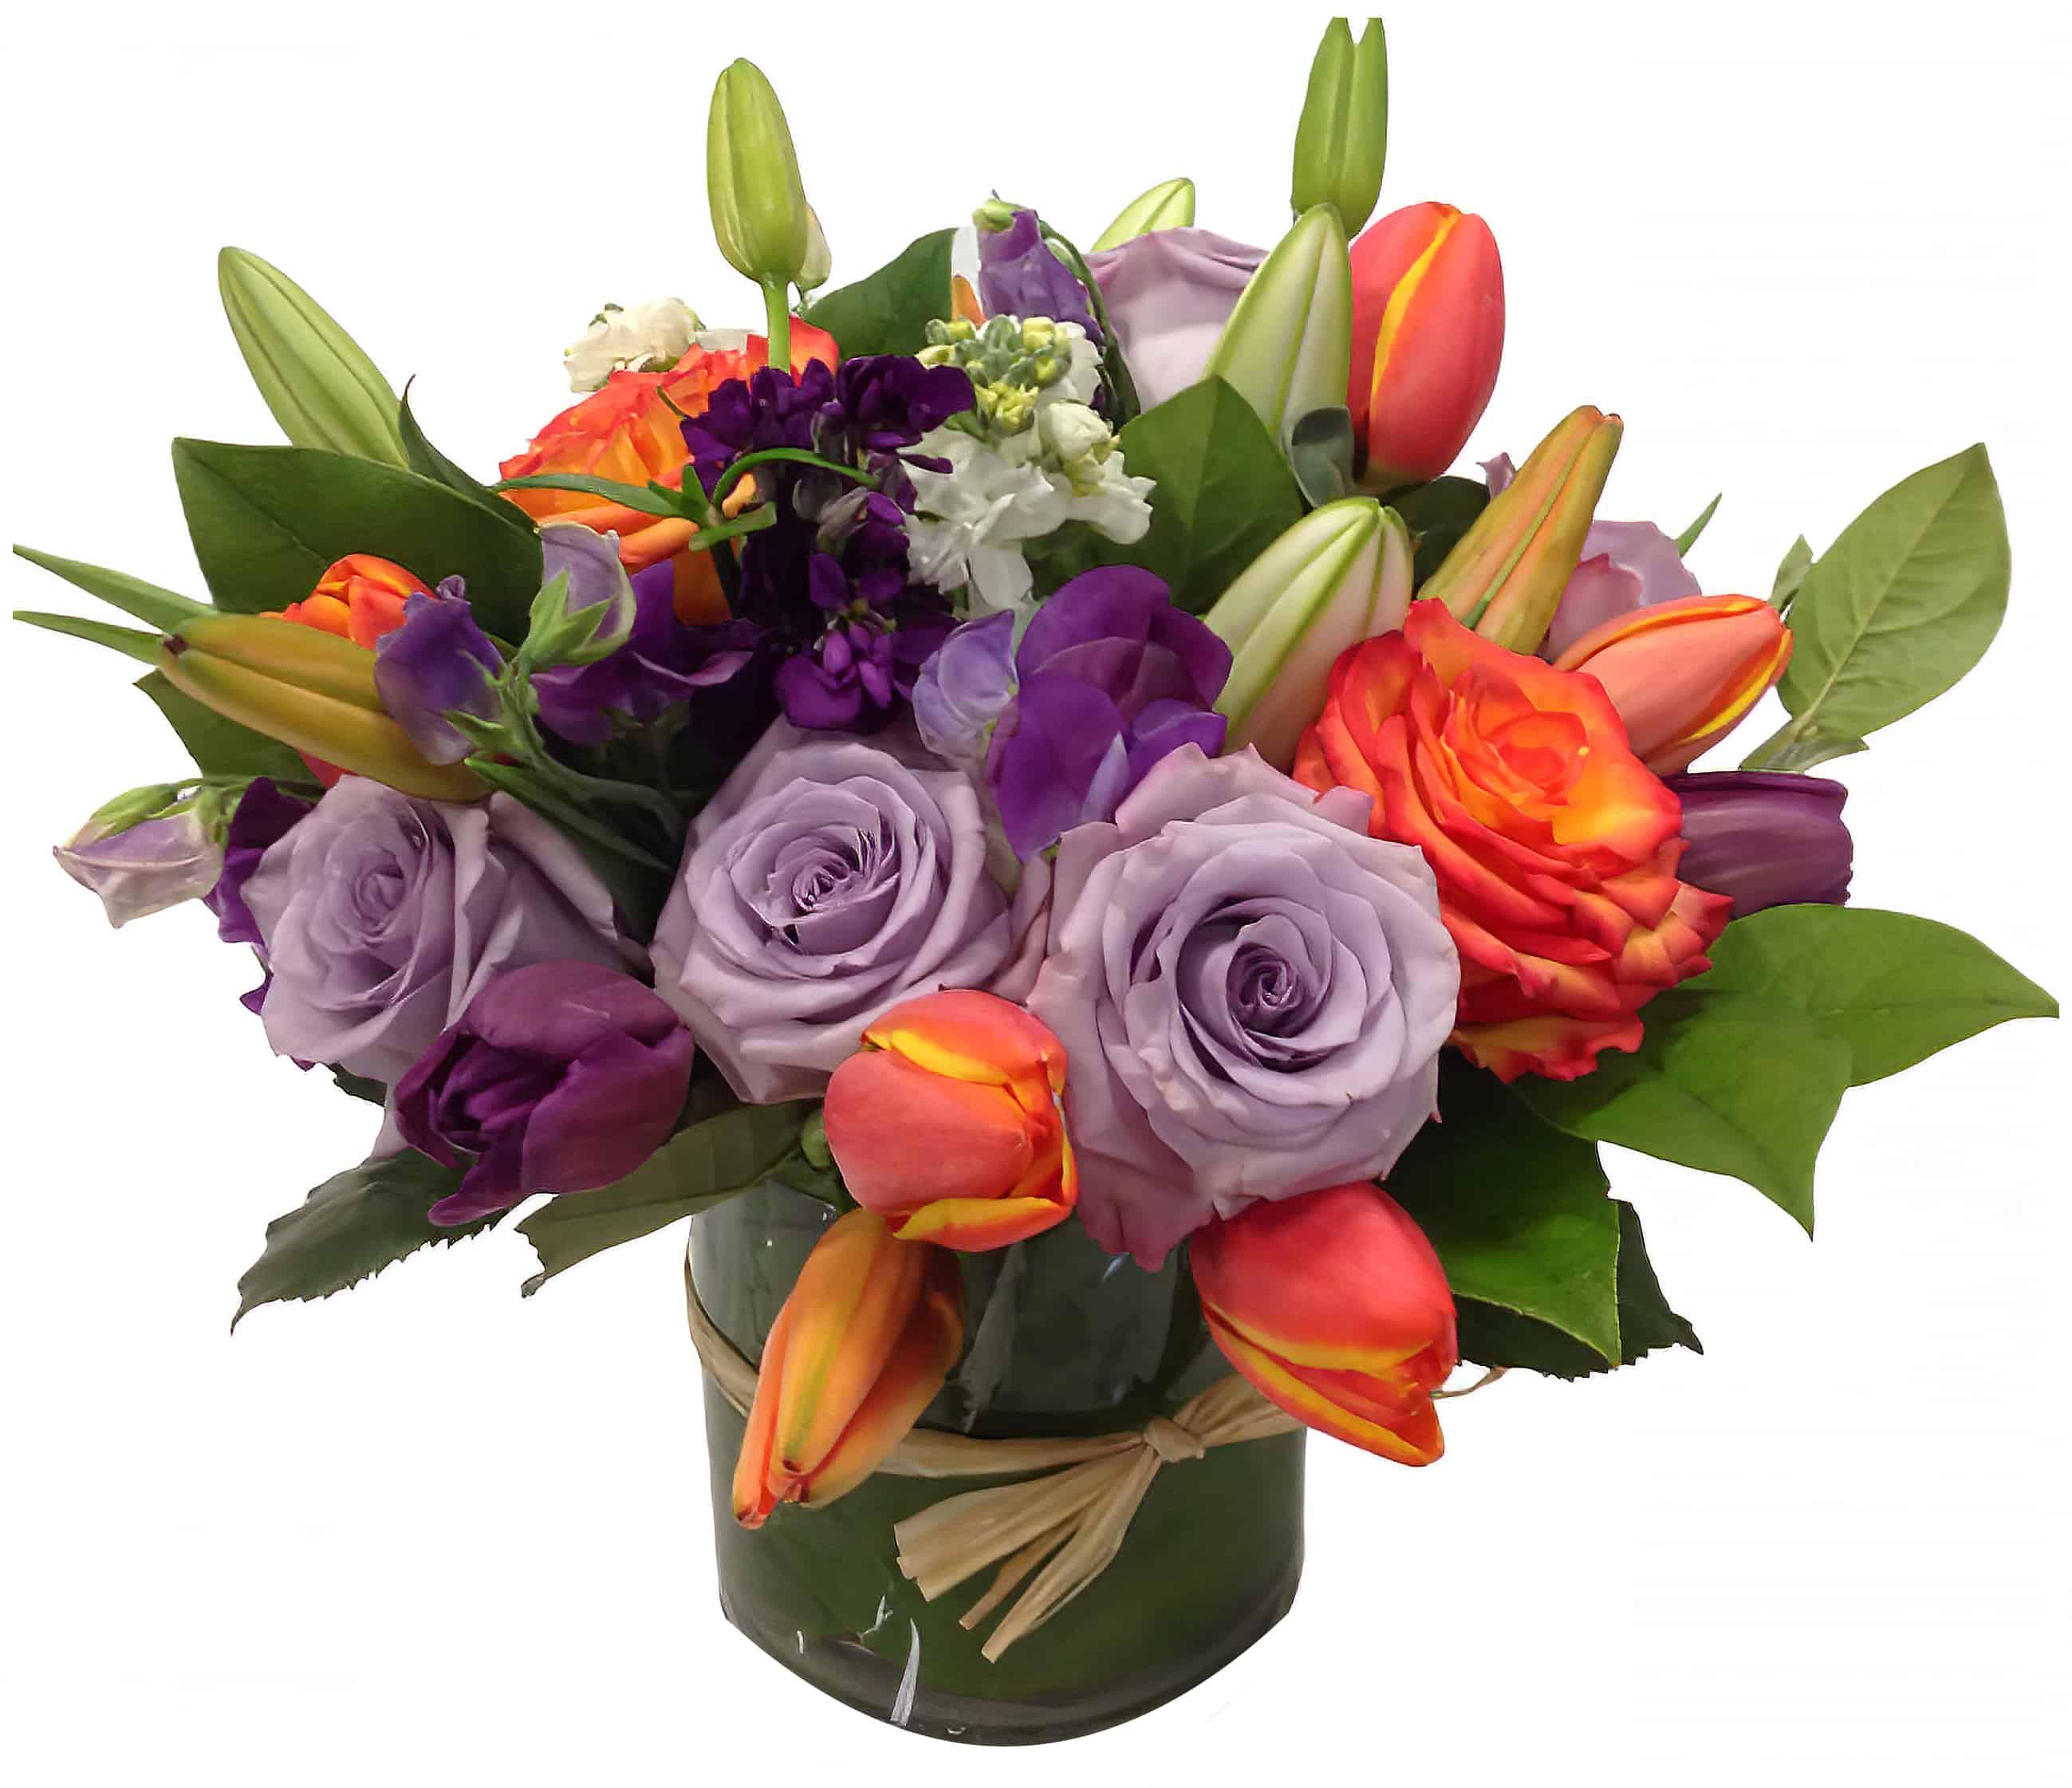 At Dusk Floral Arrangement